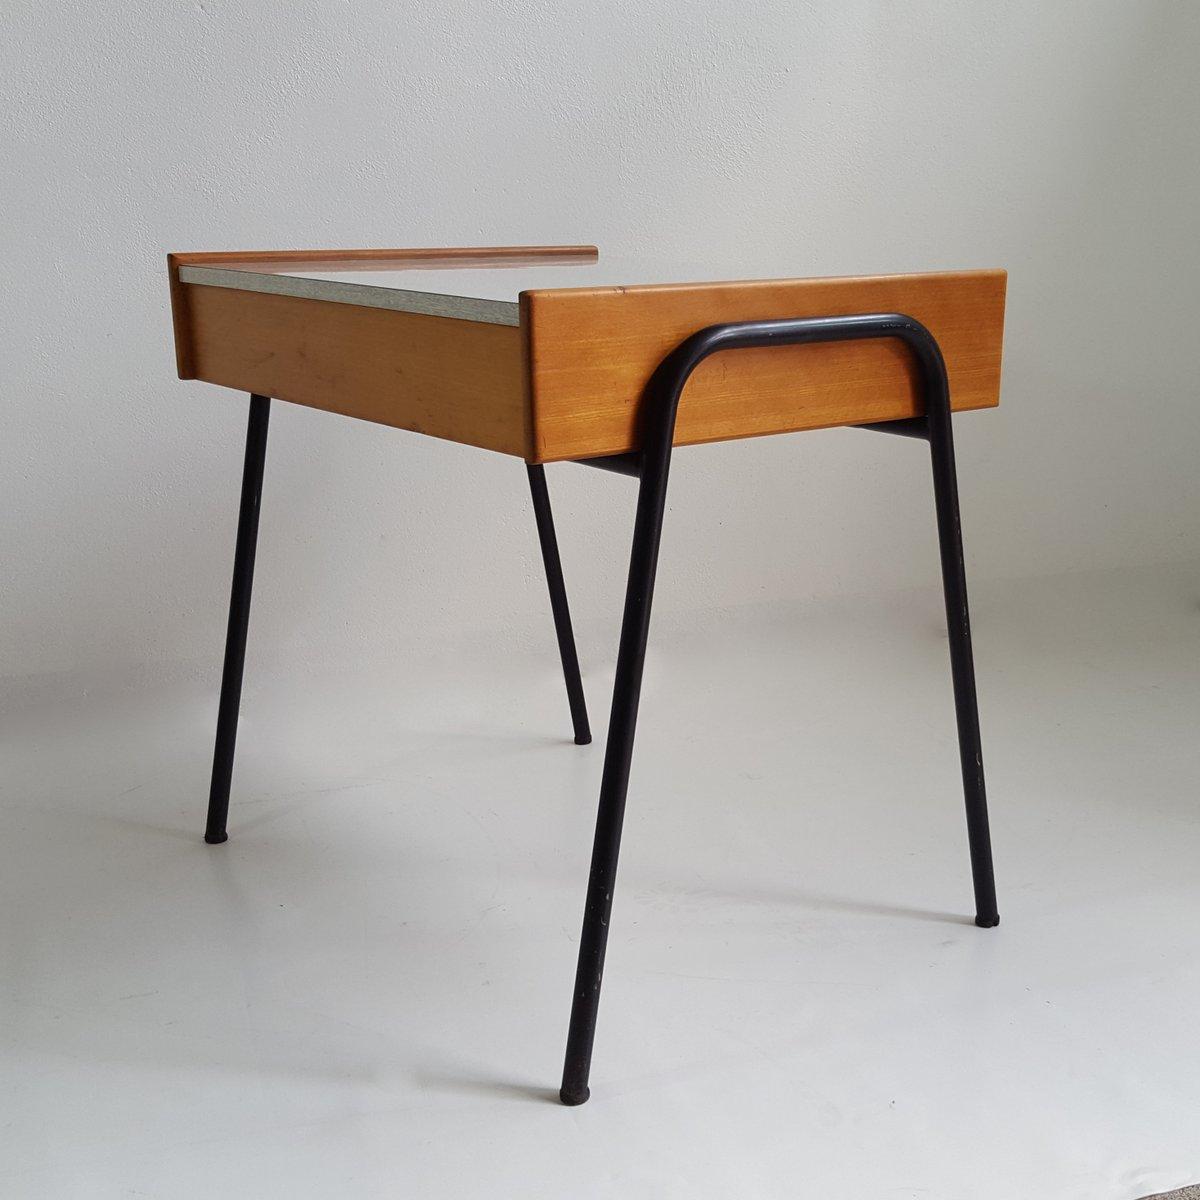 bureau vintage sonacotra par pierre guariche 1956 en vente sur pamono. Black Bedroom Furniture Sets. Home Design Ideas